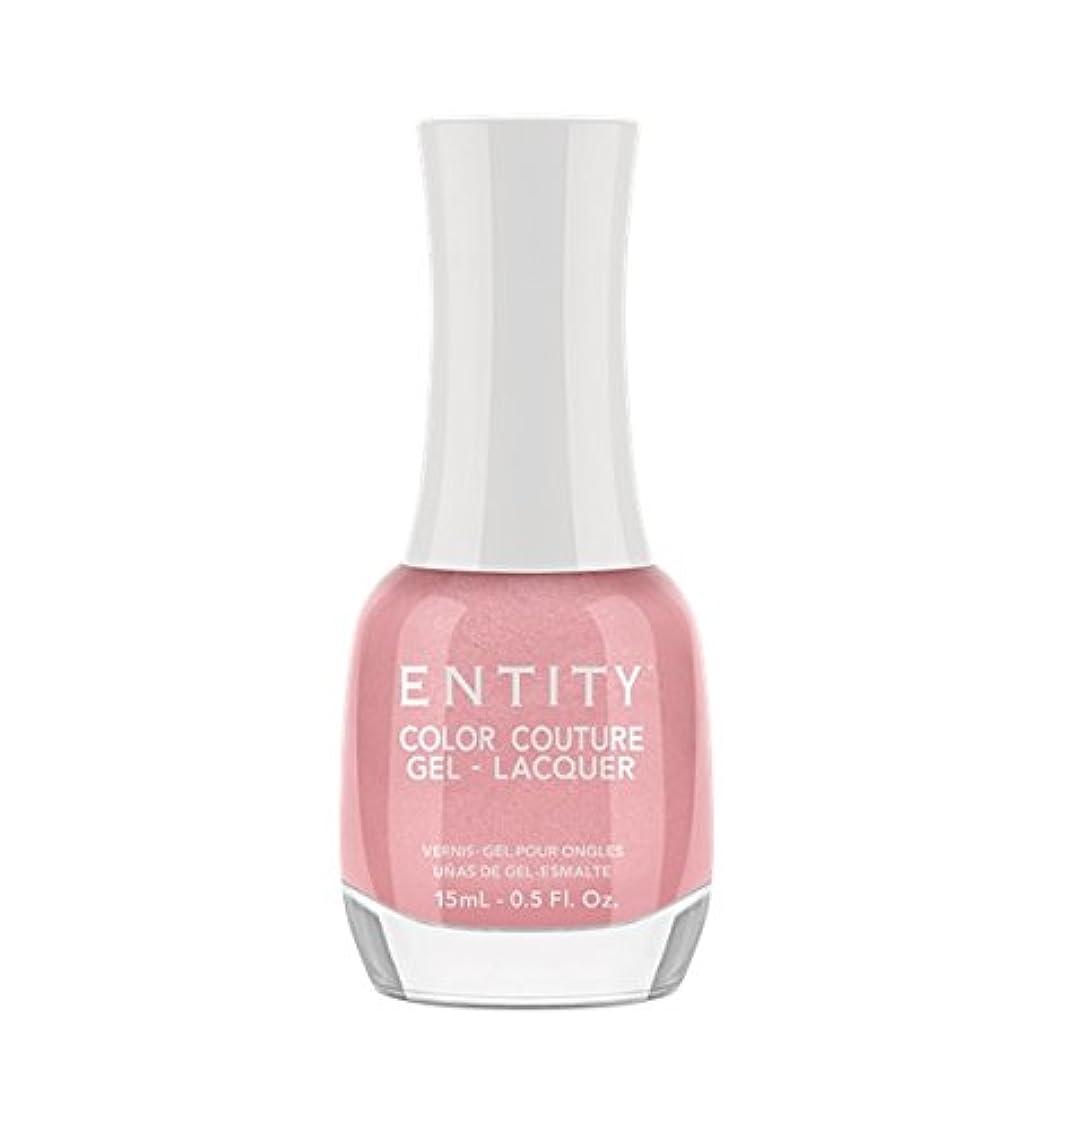 引退した強風達成Entity Color Couture Gel-Lacquer - Blushing Bloomers - 15 ml/0.5 oz